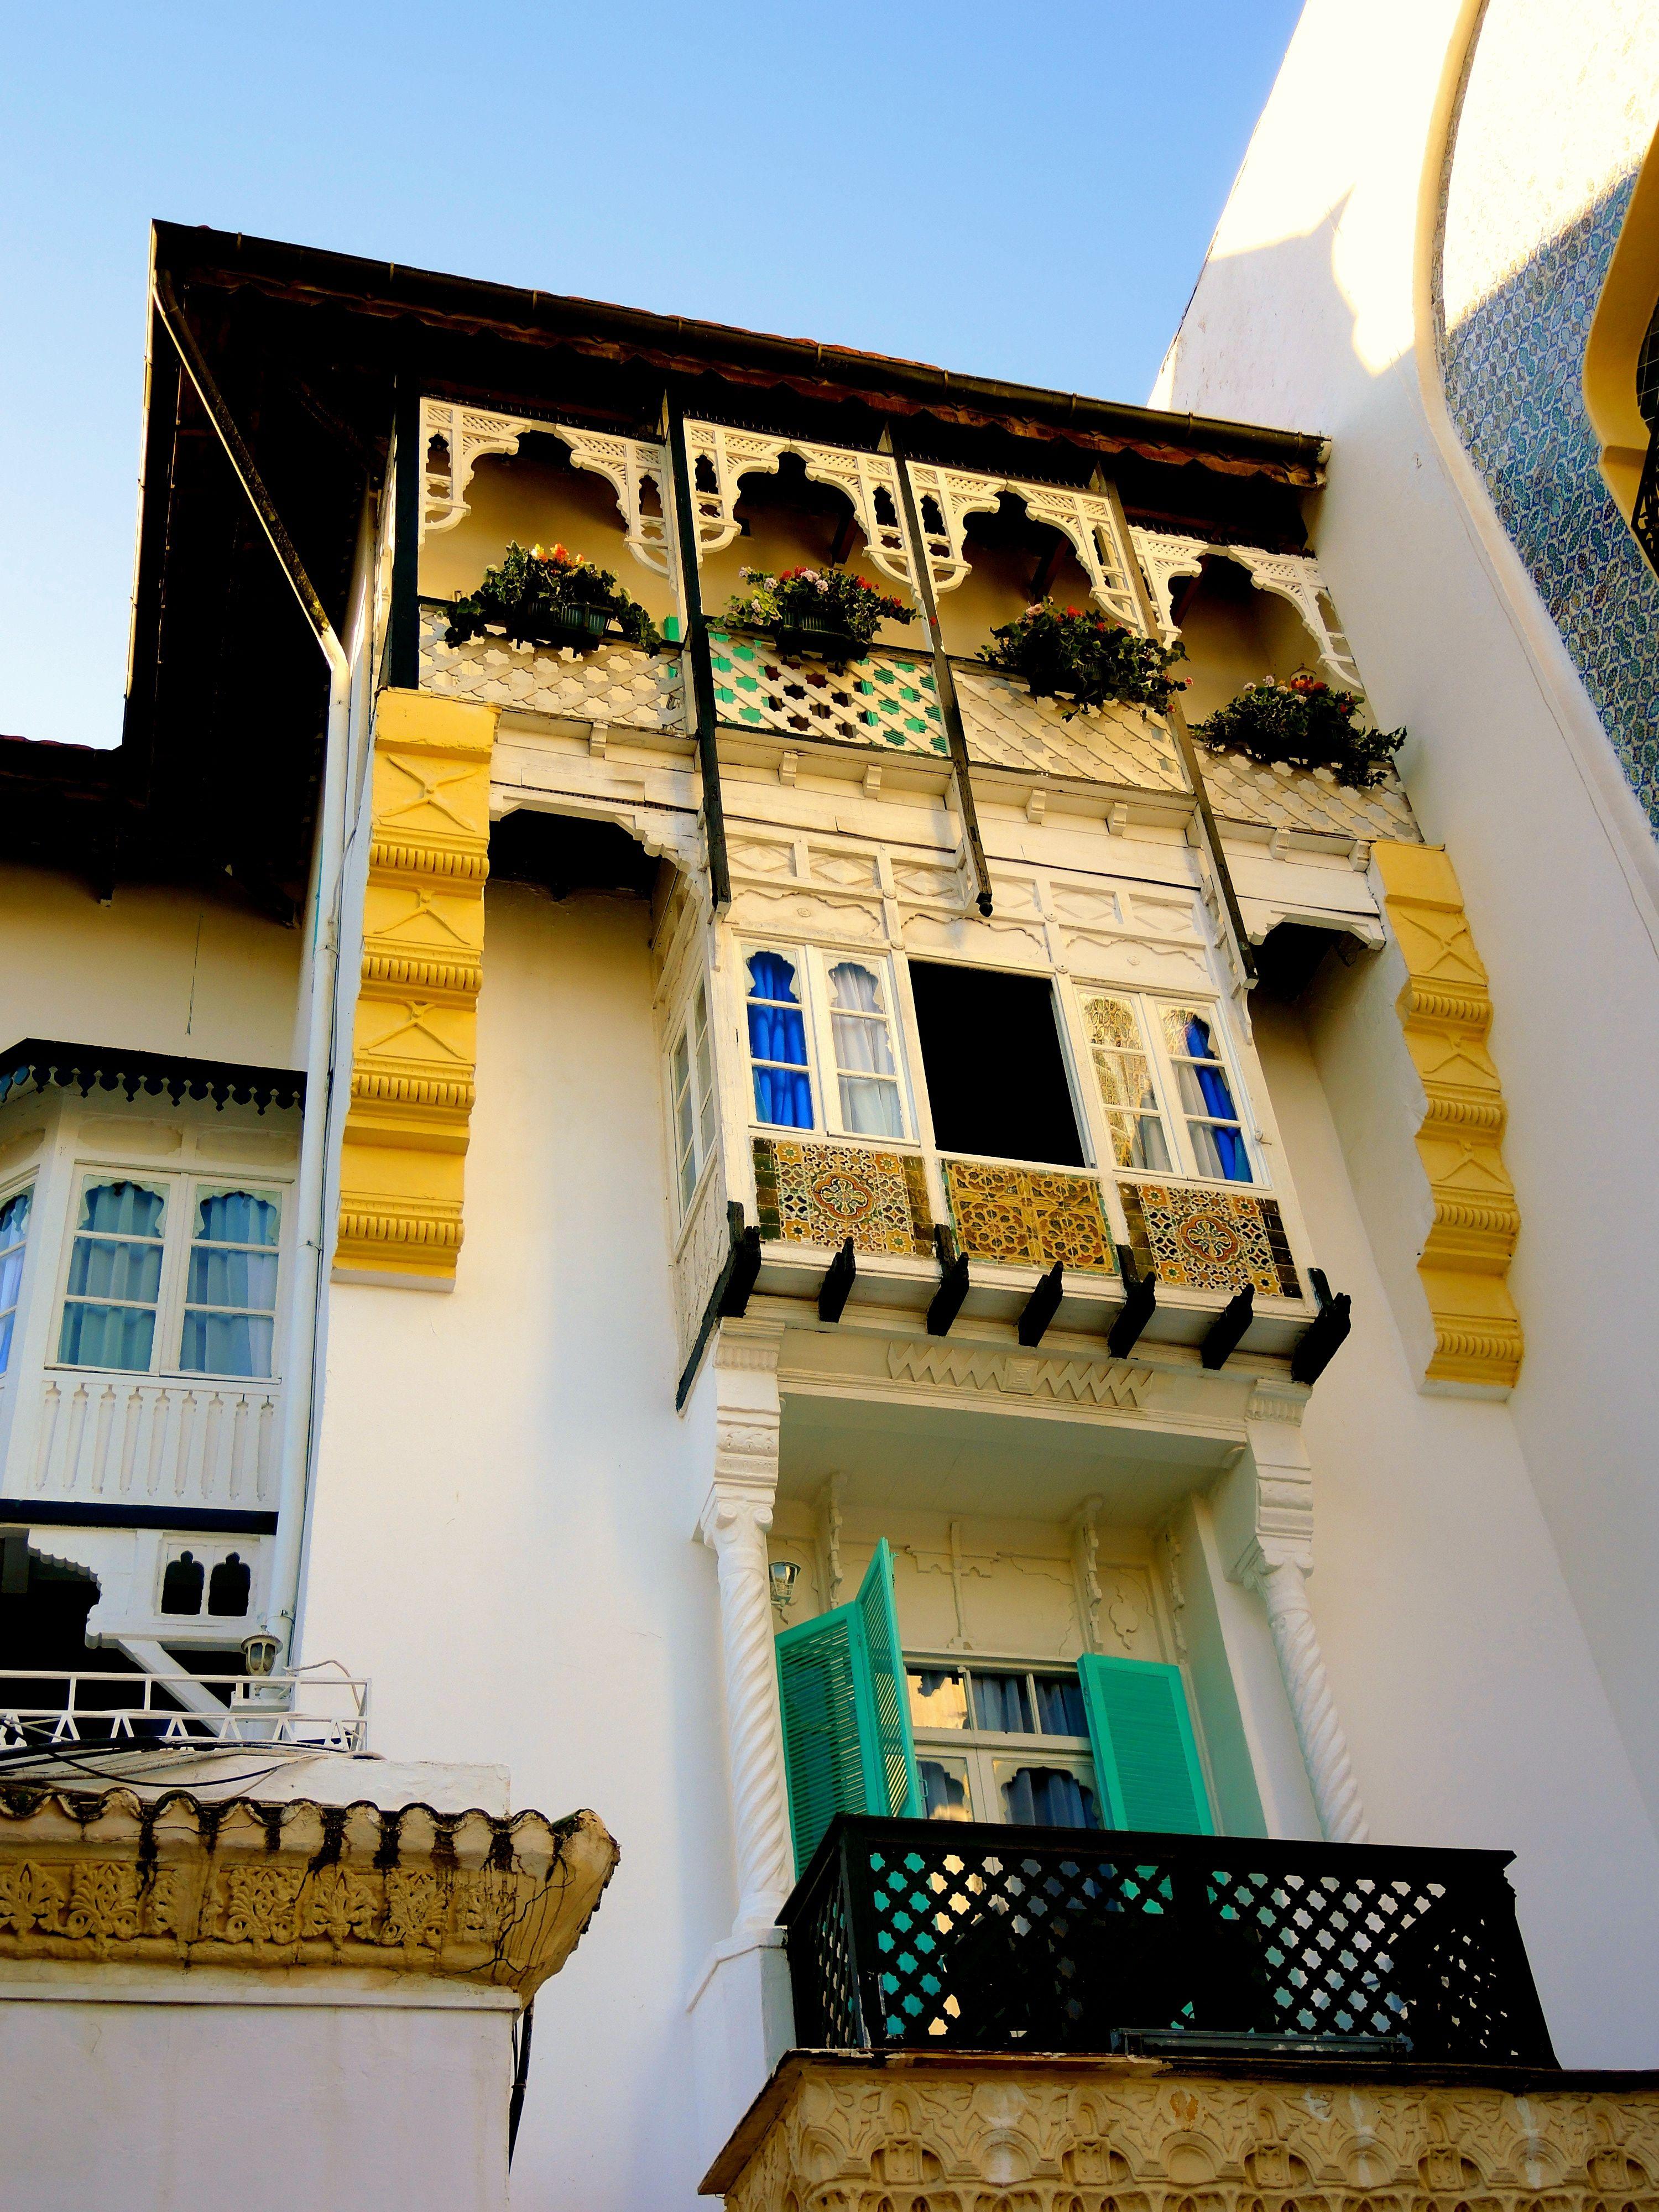 Hotel El Djazair Algiers Algeria Architecture Algeria Travel Education Architecture